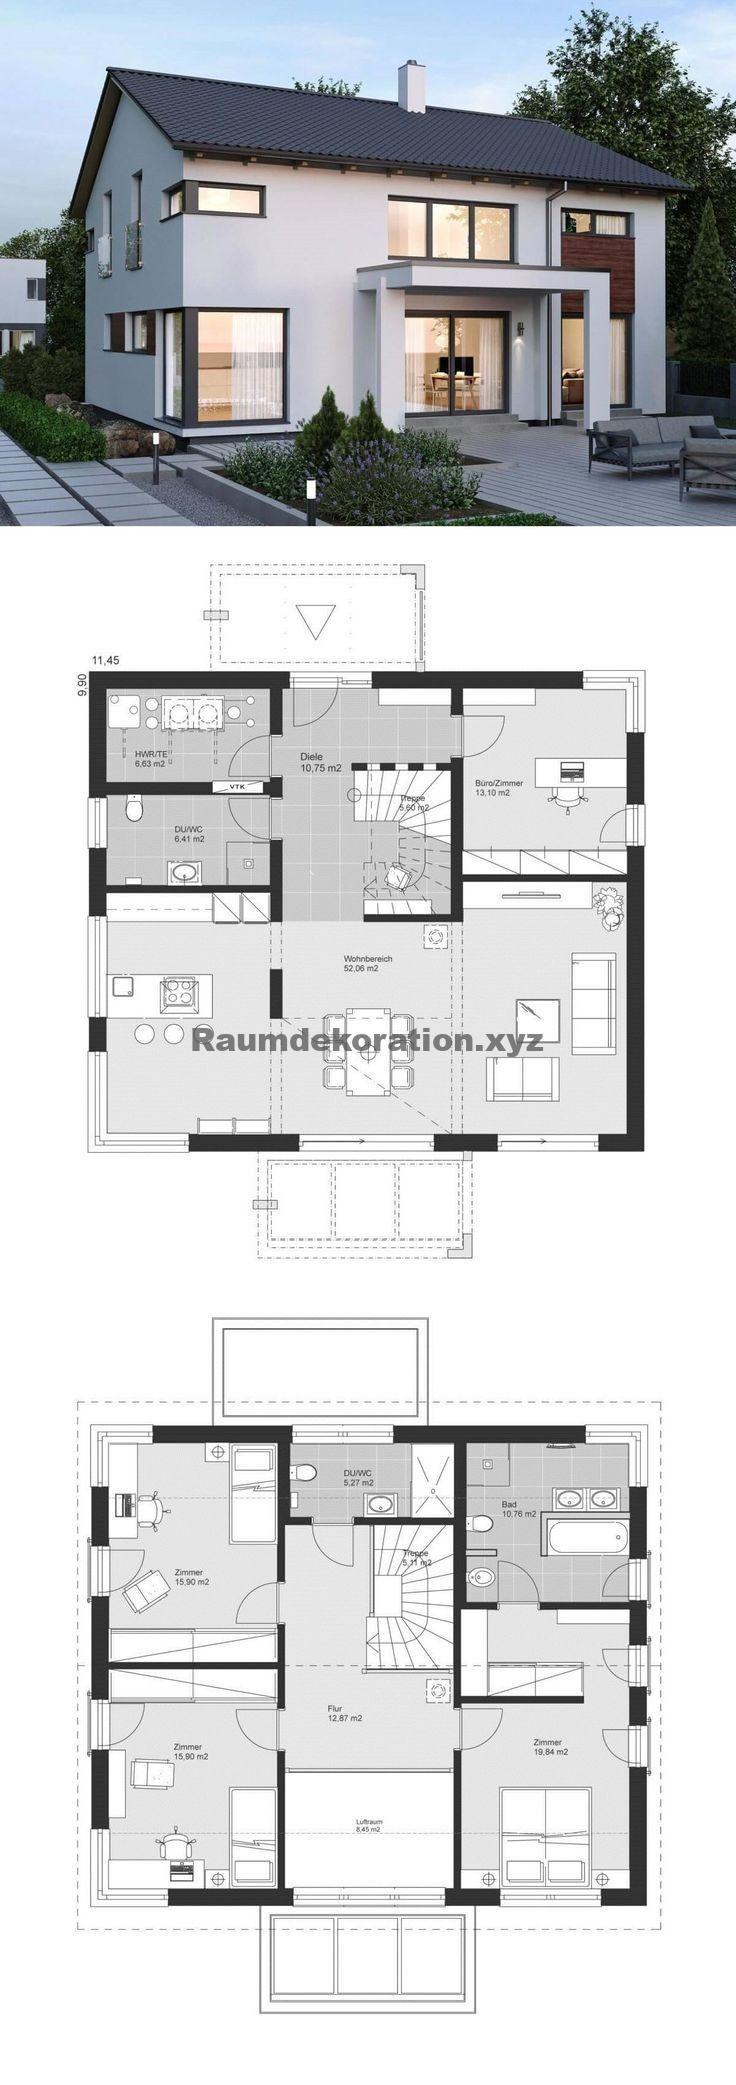 Architektur Ideen – Modernes Einfamilienhaus mit Satteldach Architektur & Galerie – Eigenheim bauen Ideen Grundriss ELK Haus 189 von ELK Fertighaus – HausbauDirekt.de